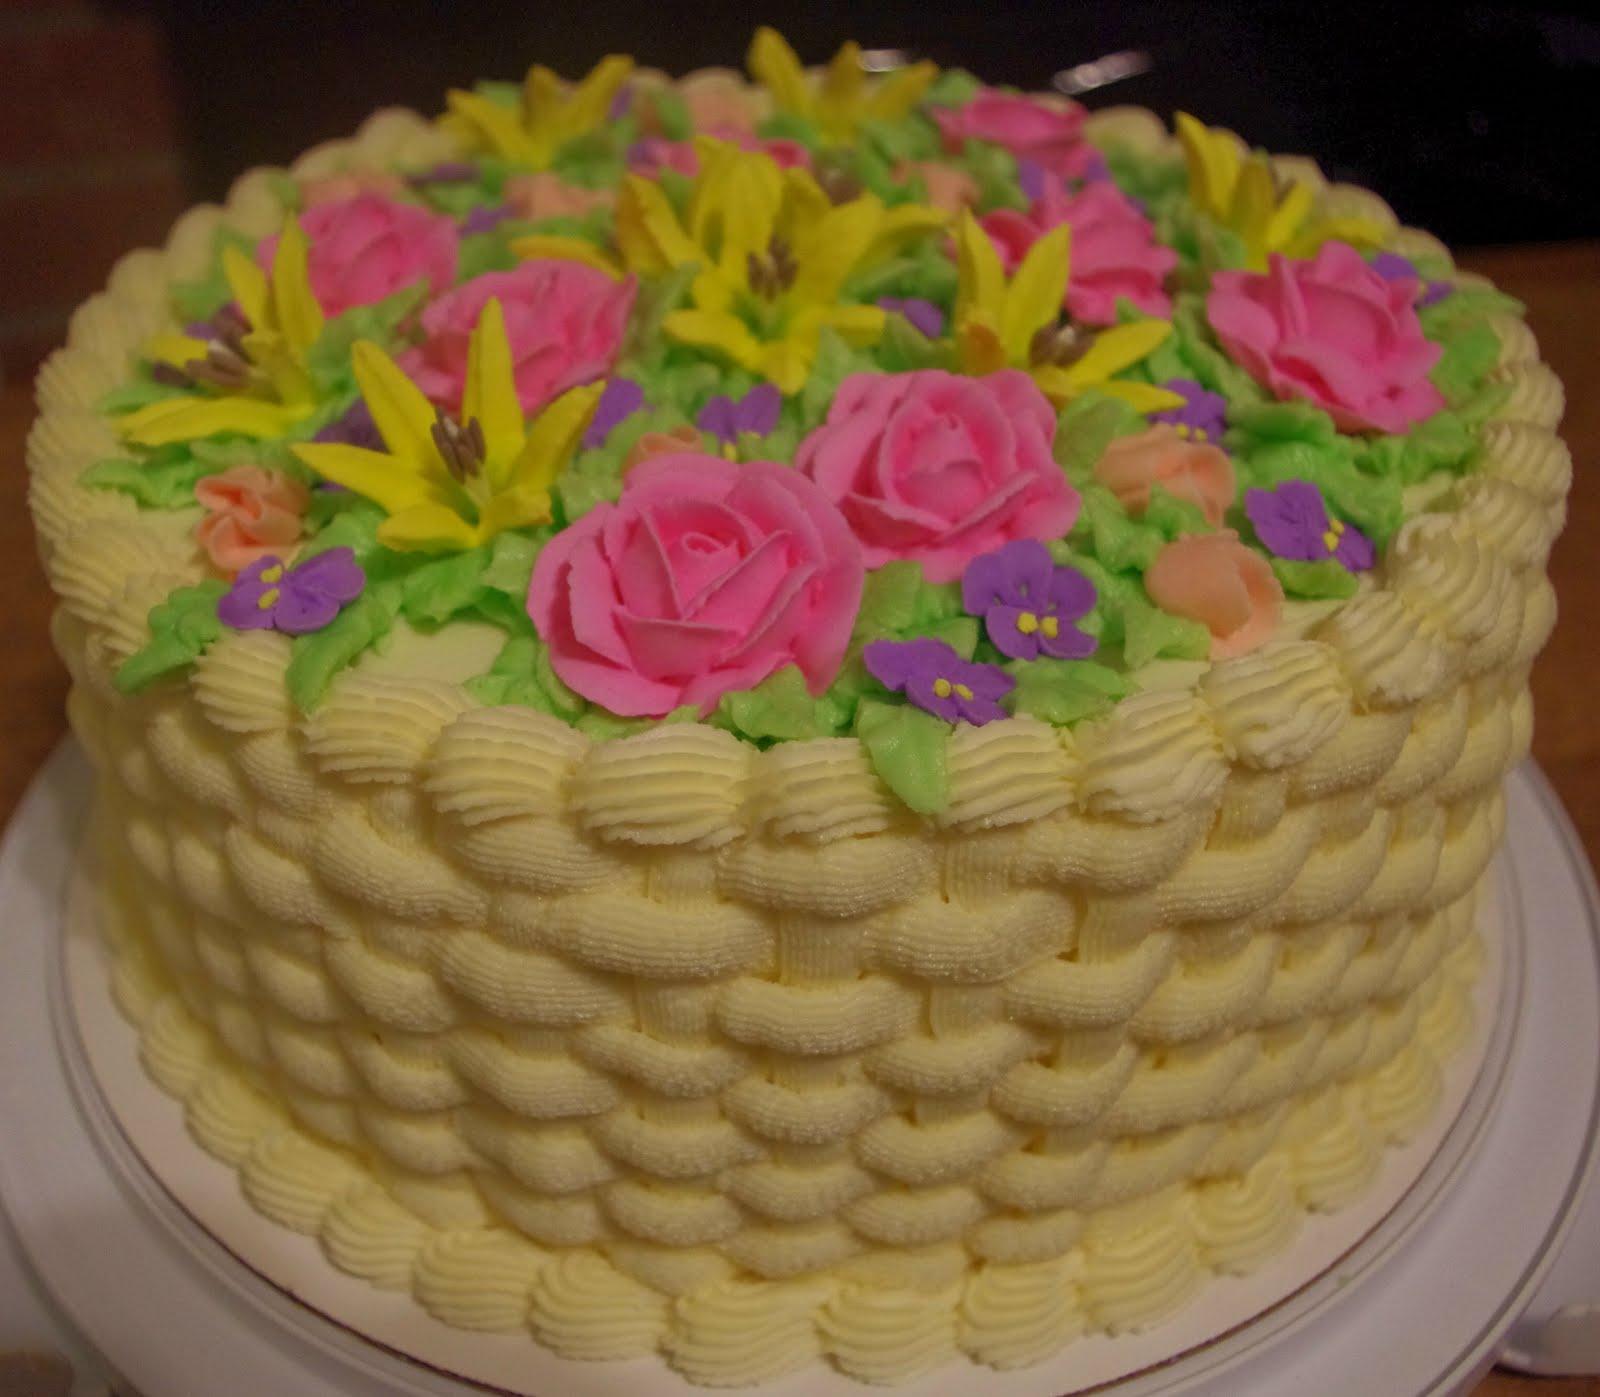 4 Goodness Bake 50th Birthday Cake